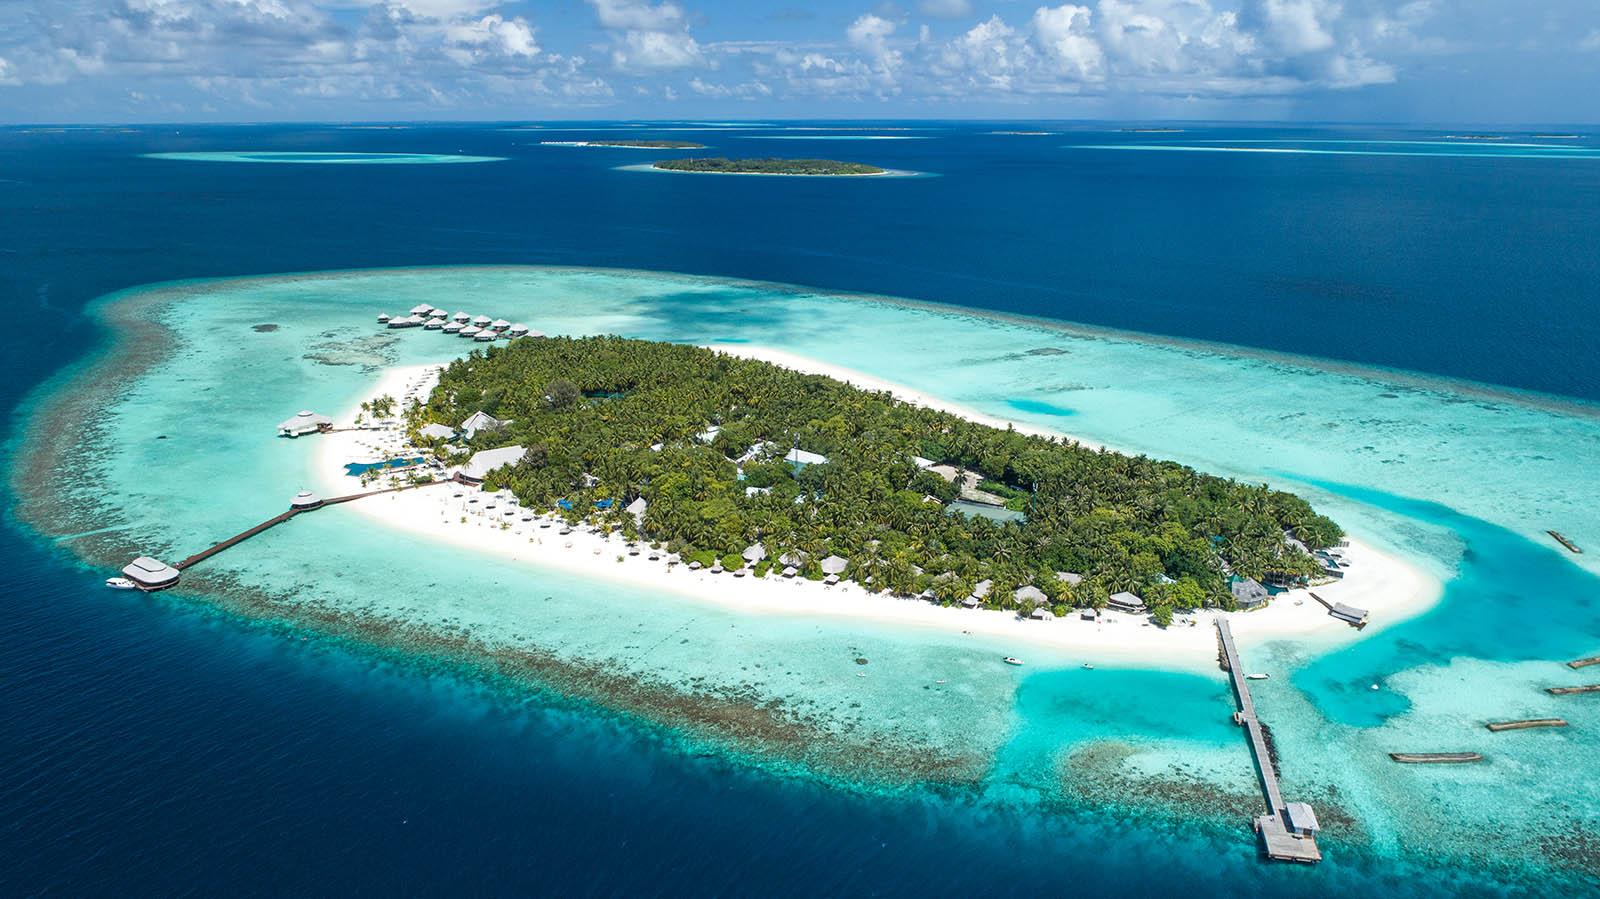 Kihaa Maldives Resort island